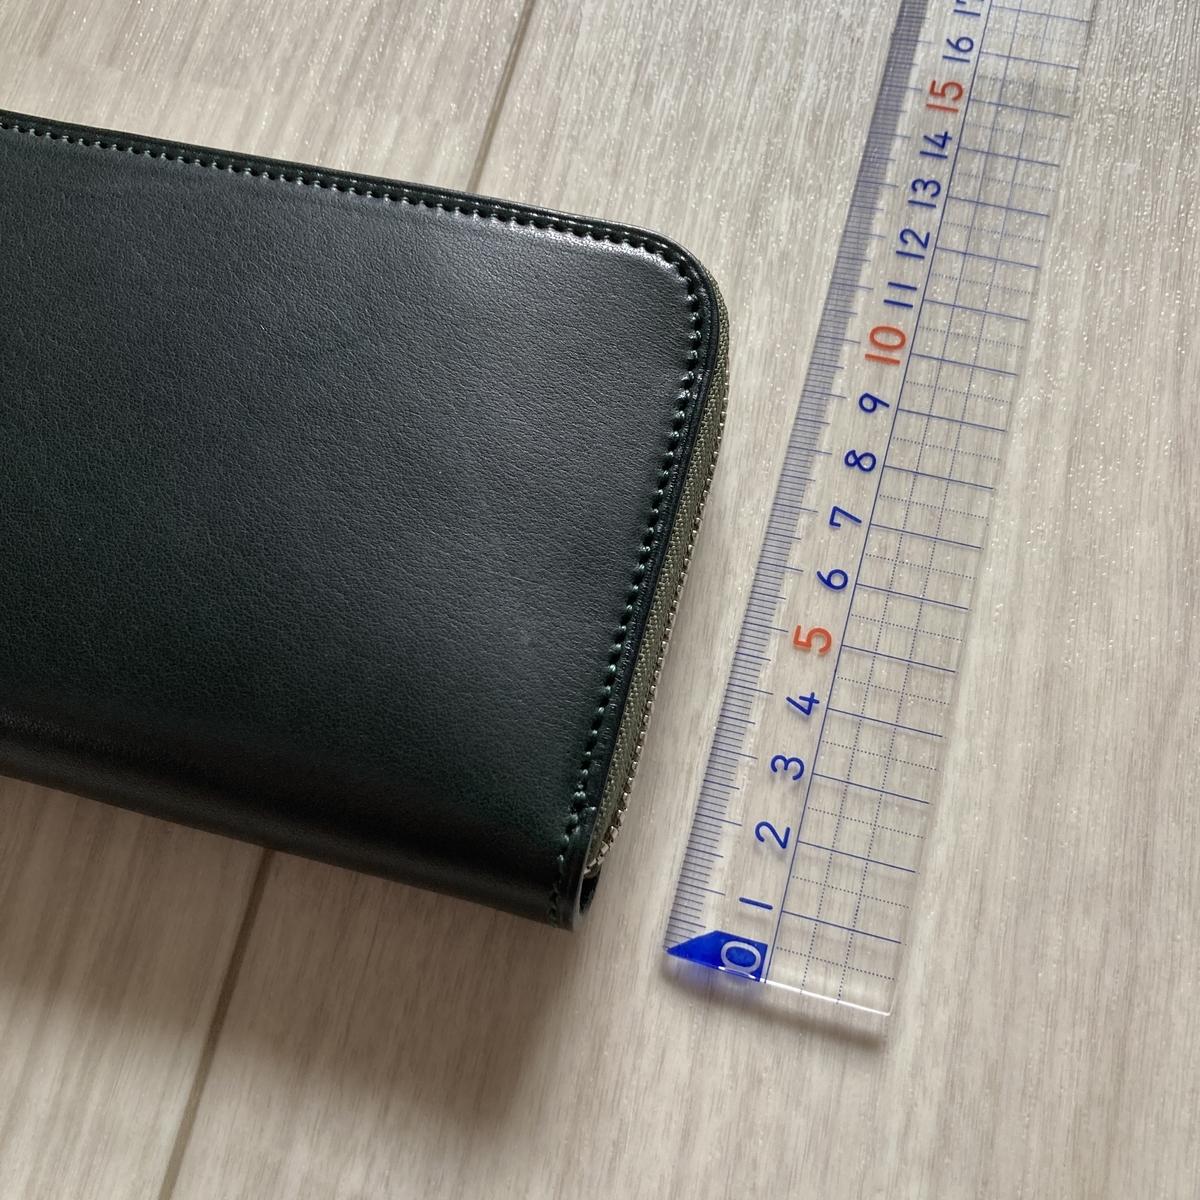 万双 革 革製品 レザー ブライドル 財布 長財布 双鞣和地 ダークグリーン 小銭 金運